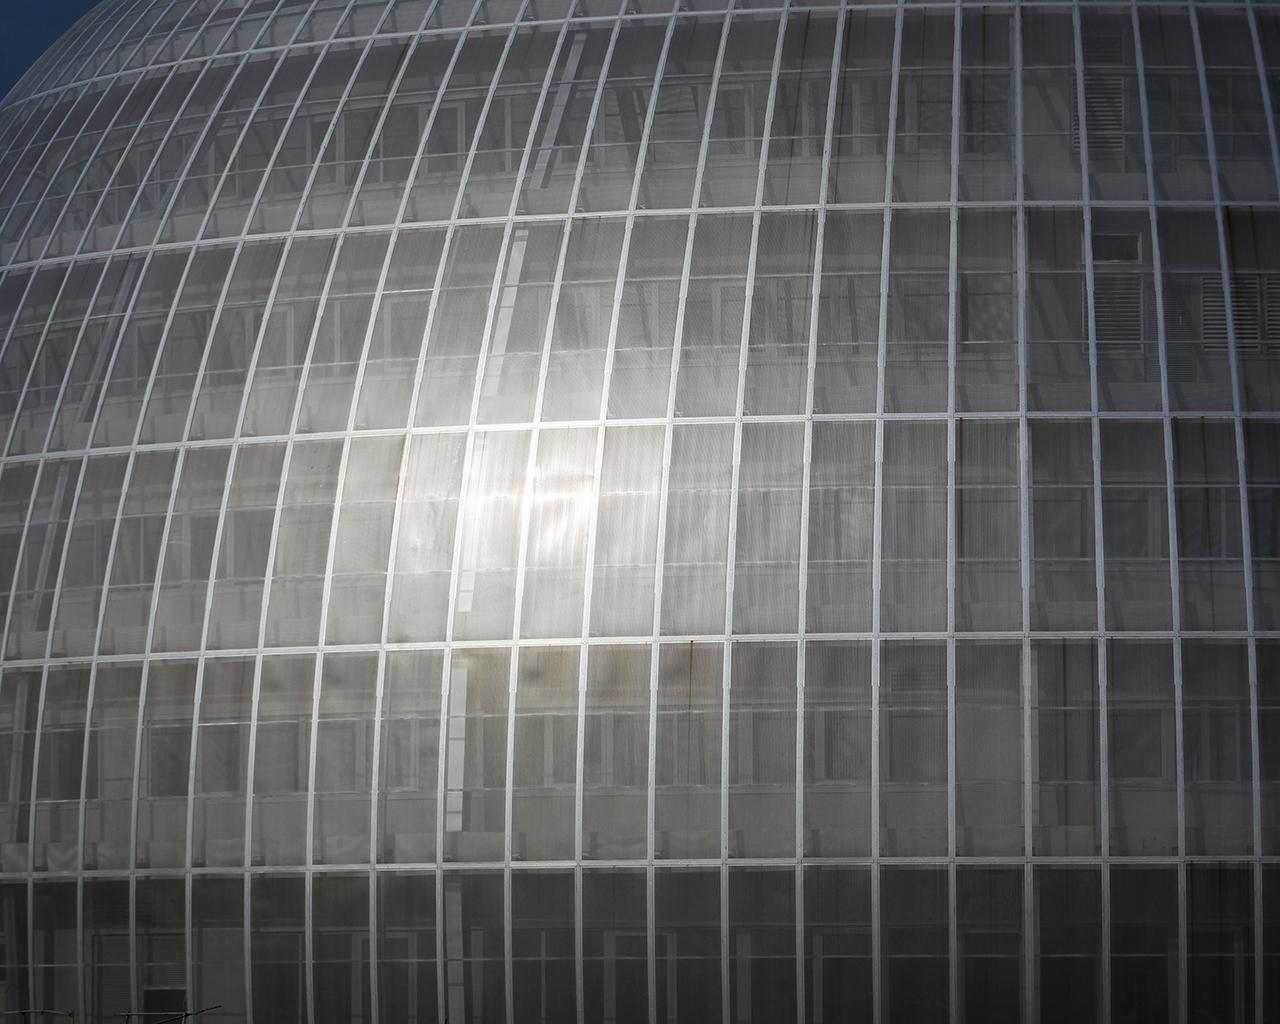 Detalle de la cúpula de la morgue de Valdebebas, en la Ciudad de la Justicia. Madrid. 23/04/2020.